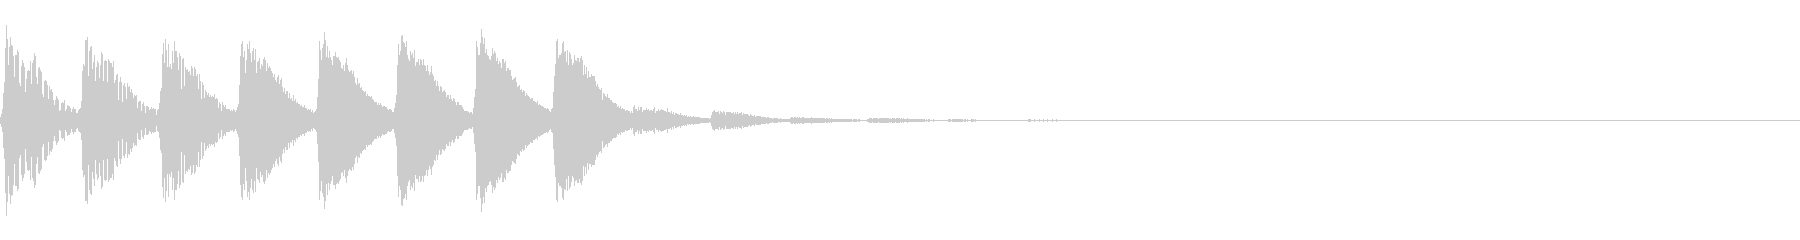 パラララ(ファミコン/テクノ/幻想的#2の未再生の波形